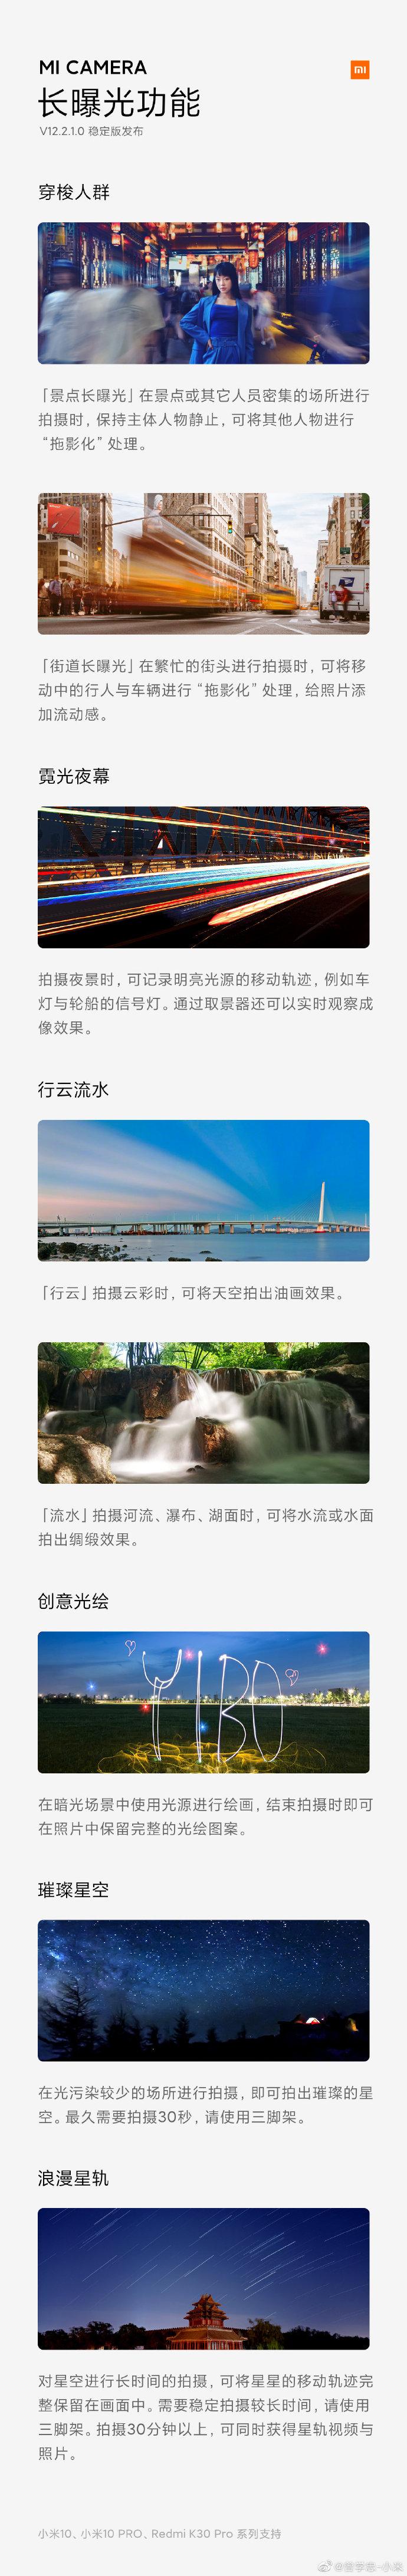 小米曾学忠:长曝光功能在V12.2.1.0稳定版发布-玩懂手机网 - 玩懂手机第一手的手机资讯网(www.wdshouji.com)